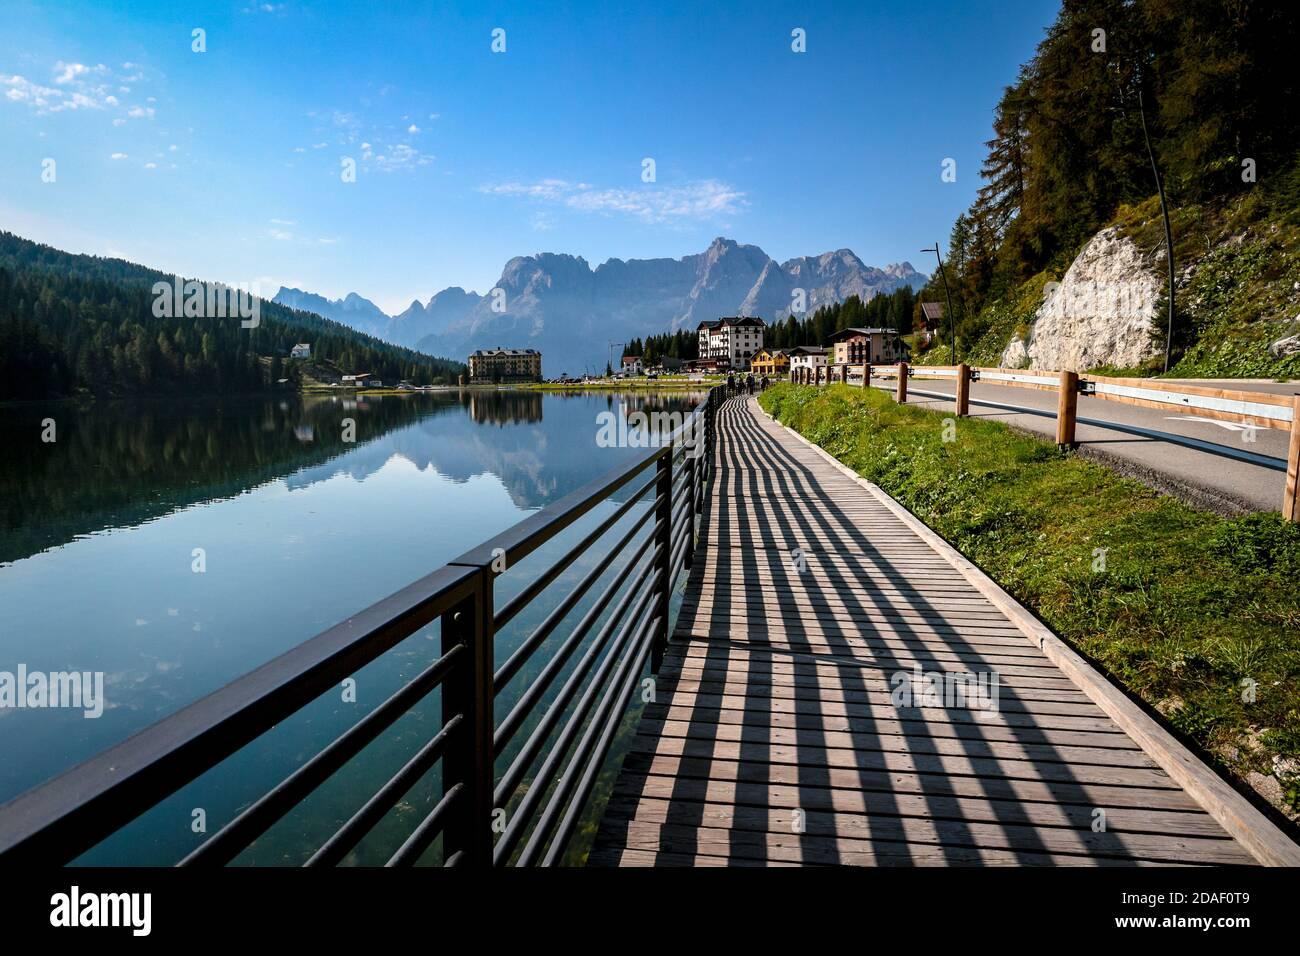 Lago di Misurina e linee dure di ombre con riflessi lacustri speculari del panorama alpino delle Dolomiti di Misurina, Veneto, Italia. Foto Stock